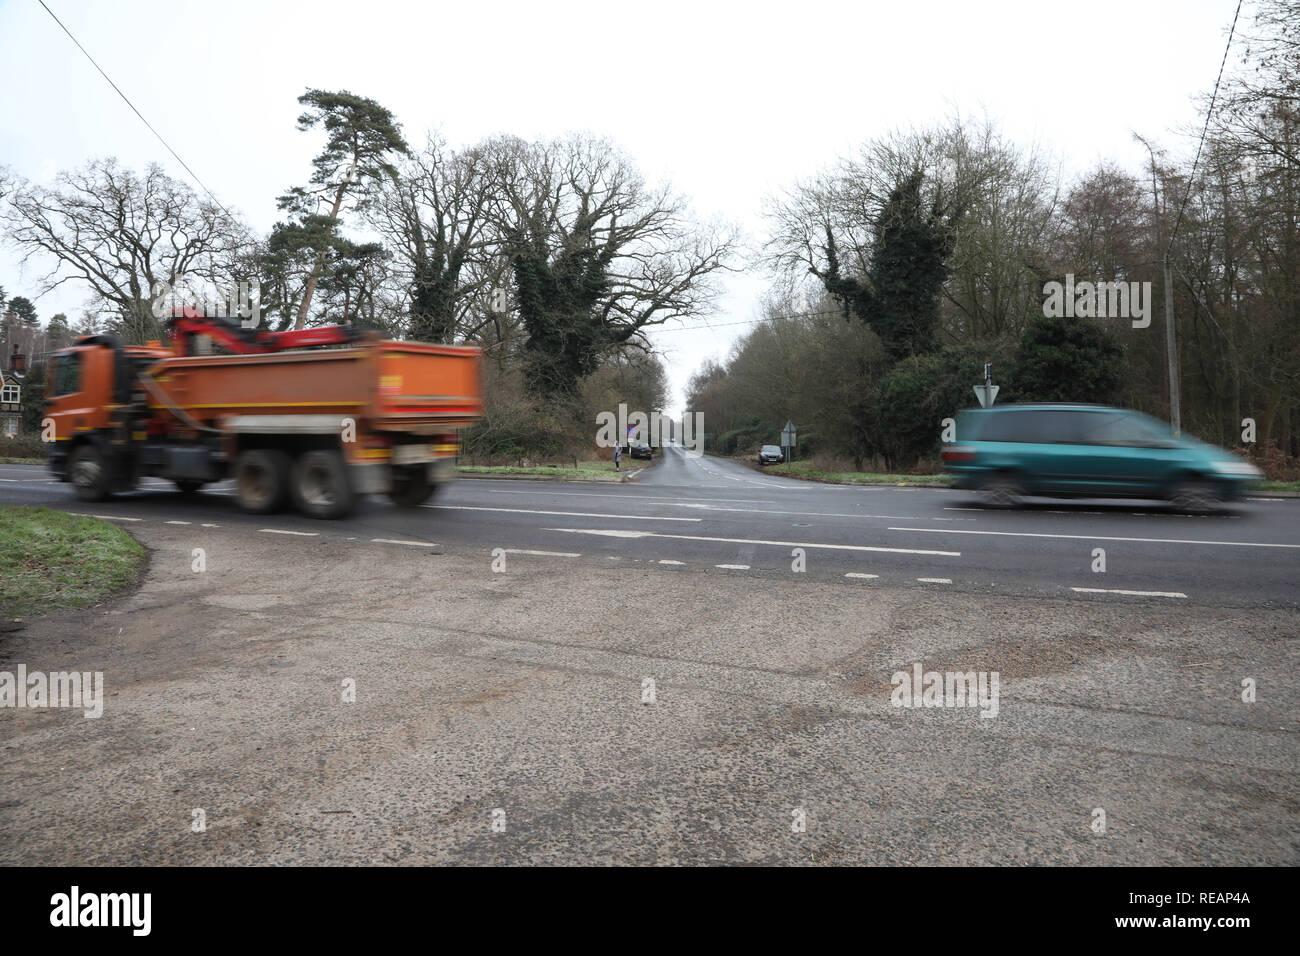 Sandringham, Norfolk, Reino Unido. 18 de enero de 2019. El cruce en la escena de un accidente. Seguimiento en el Príncipe Felipe, Duque de Edimburgo crash en la A149 cerca de Sandringham, Norfolk, el 18 de enero de 2019. Crédito: Paul Marriott/Alamy Live News Imagen De Stock